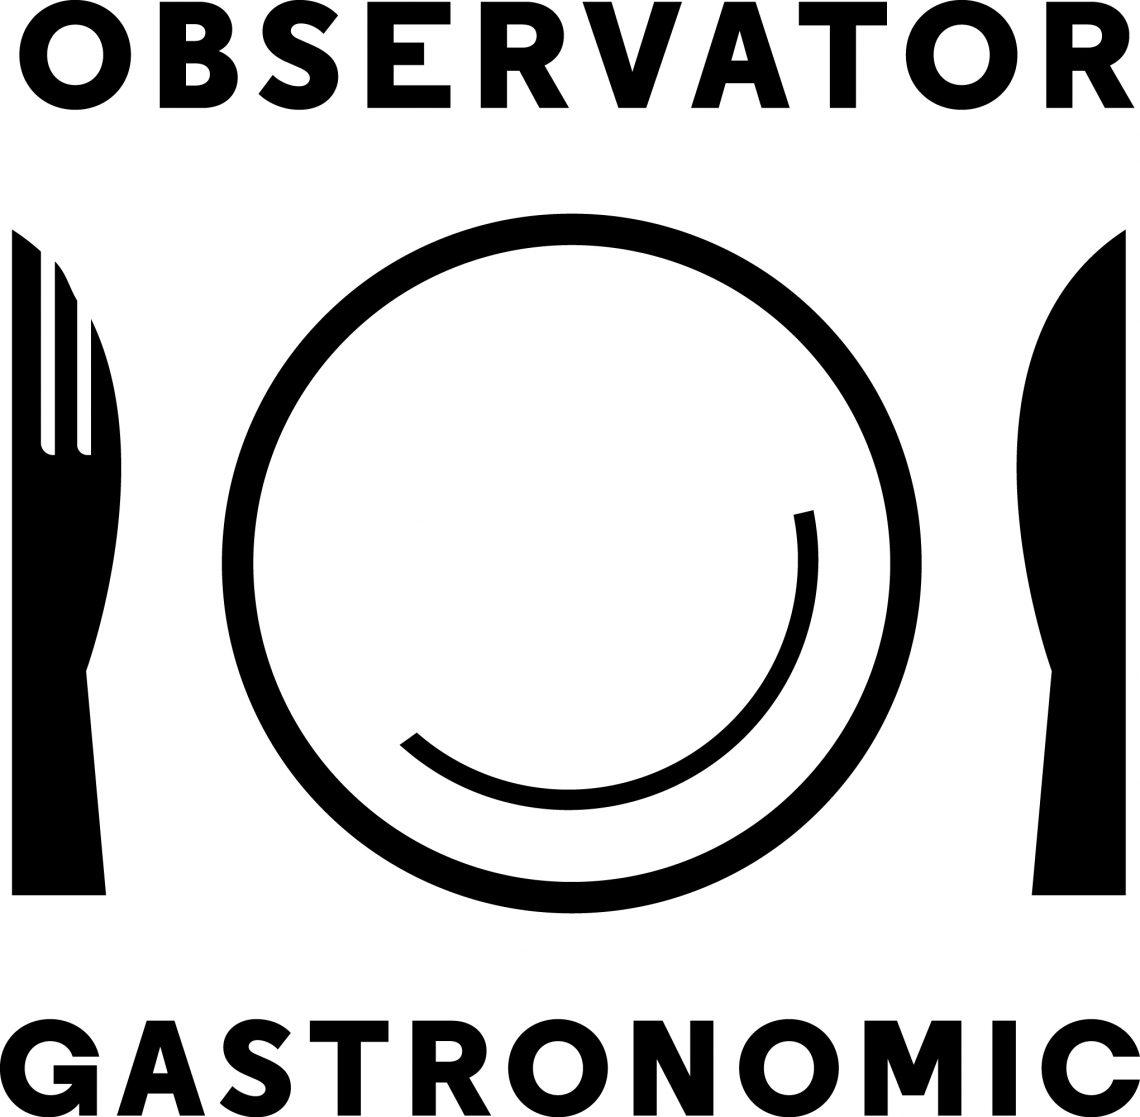 OBSERVATOR_GASTRONOMIC_LOGO